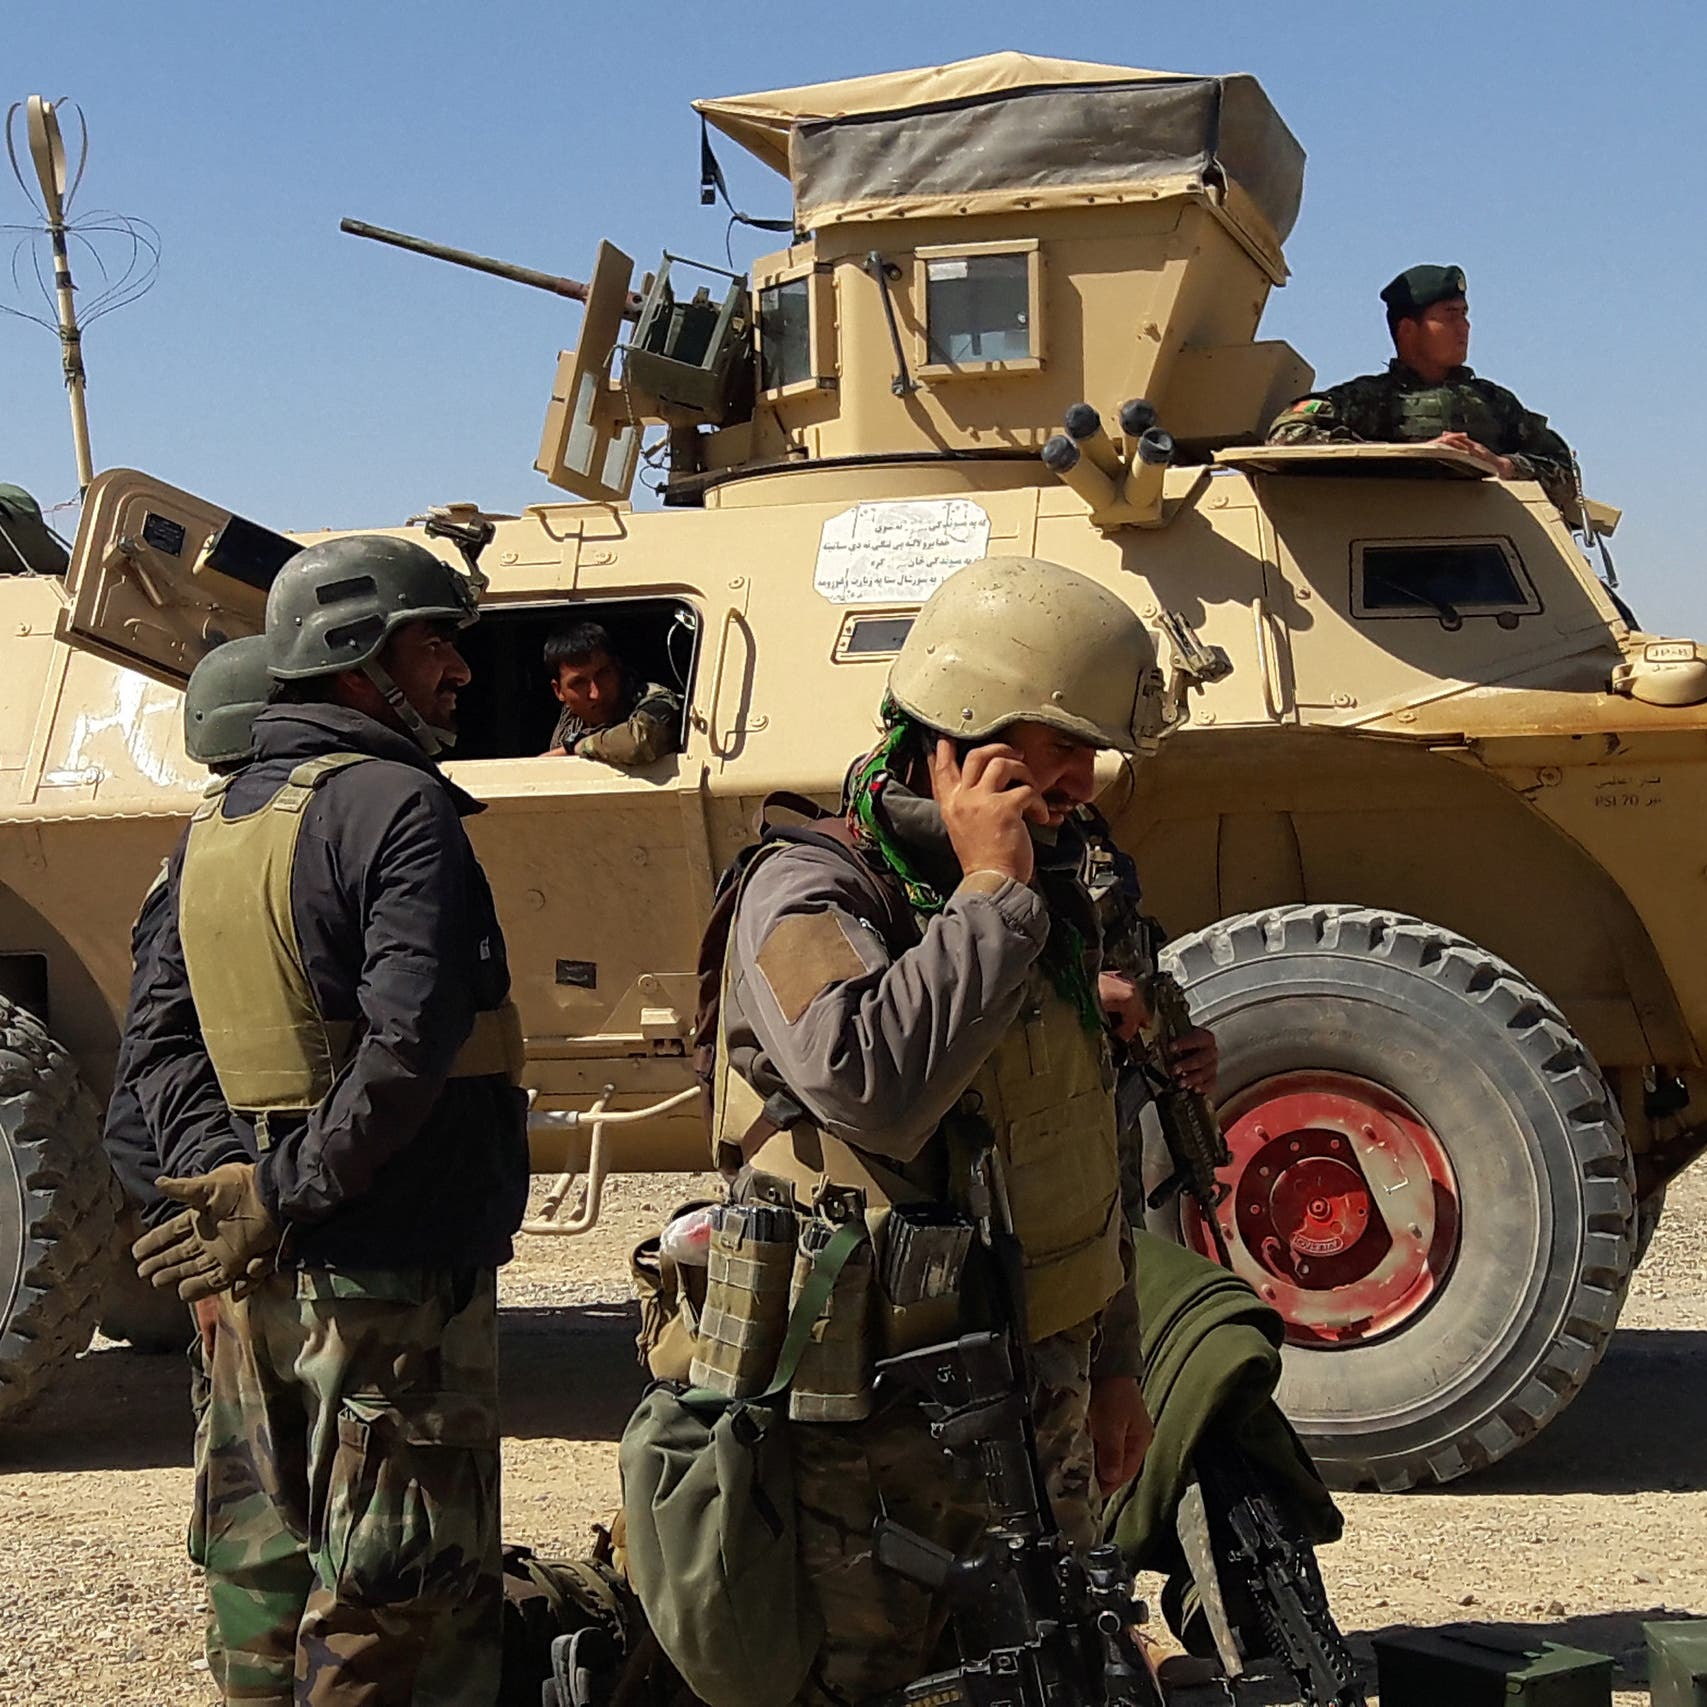 حركة طالبان تقتل مدير محطة إذاعية وتخطف صحفياً